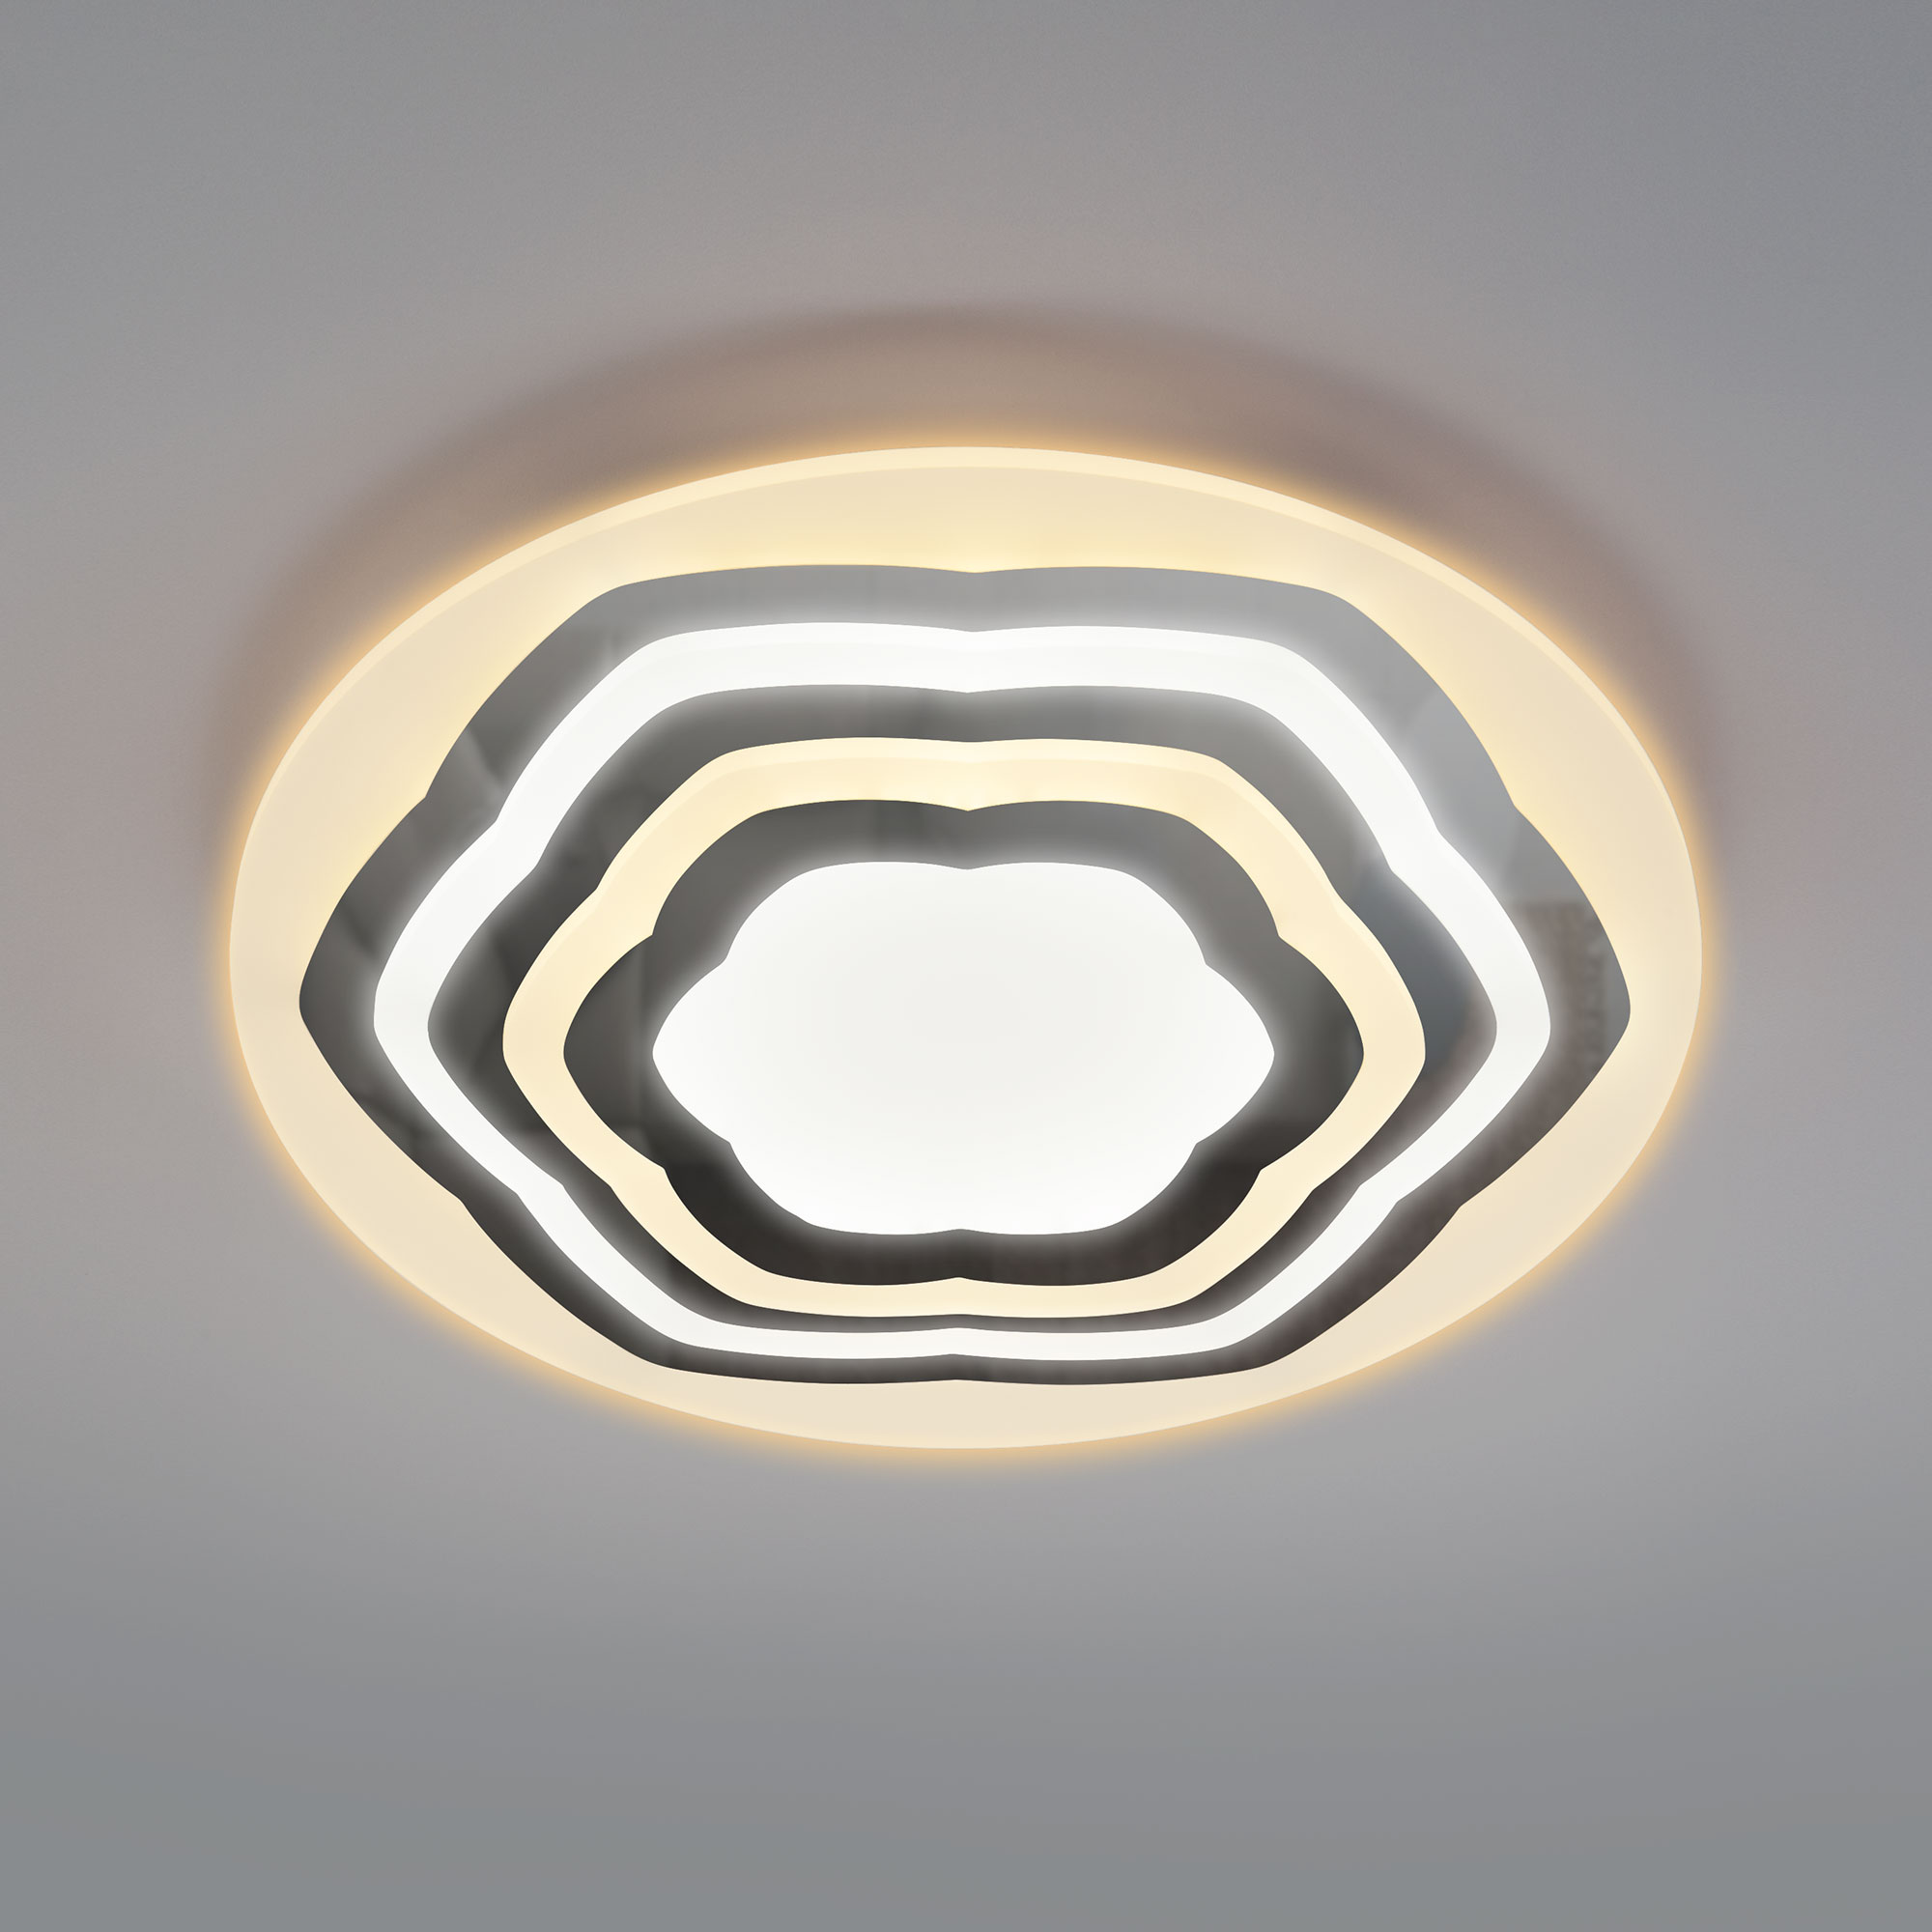 Потолочный светодиодный светильник с пультом управления 90117/4 хром